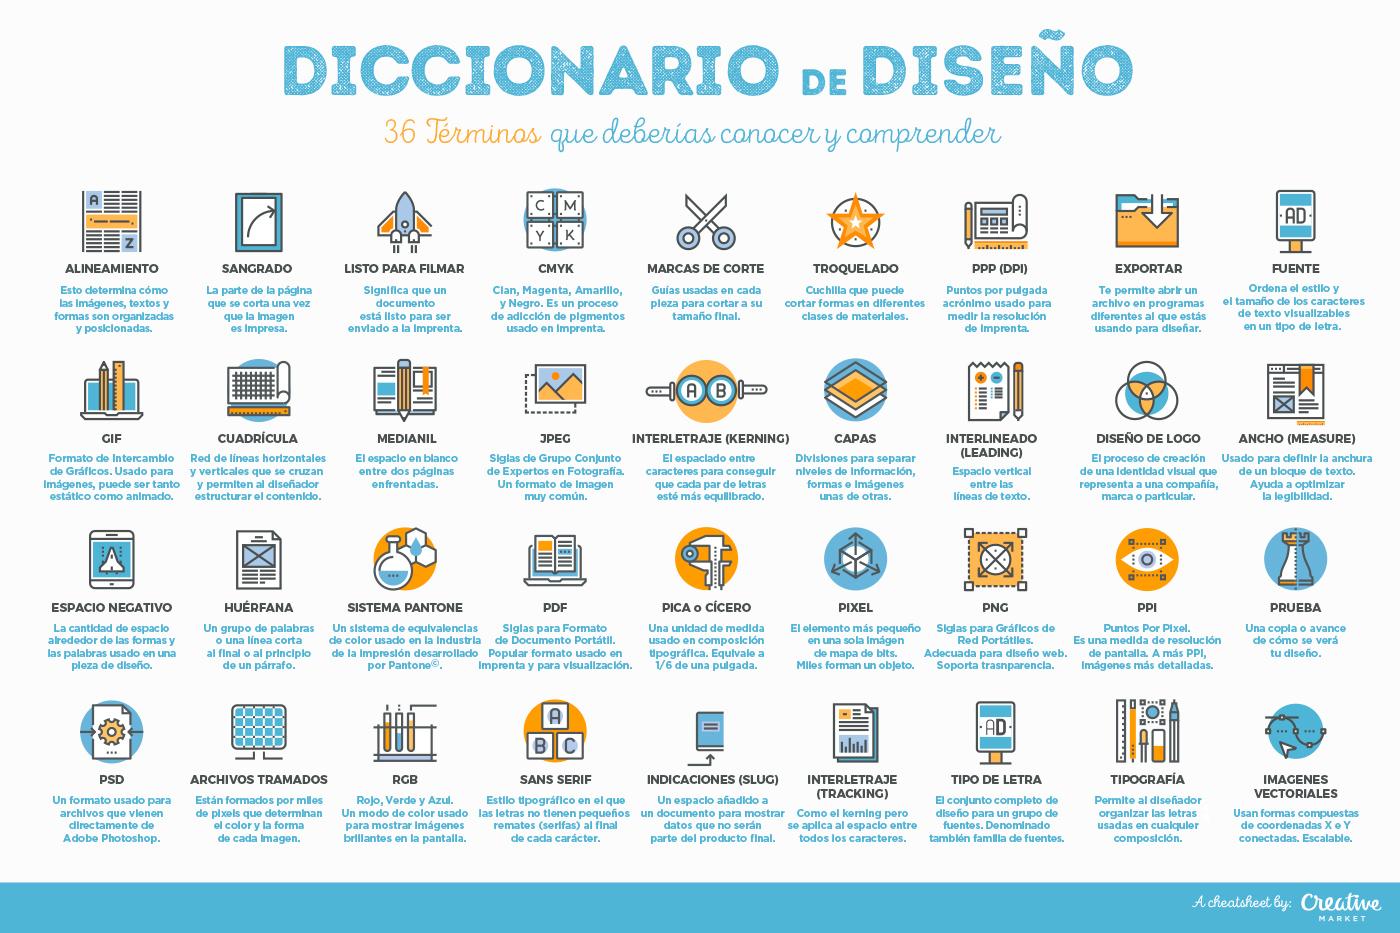 Un diccionario de 36 términos de diseño en castellano